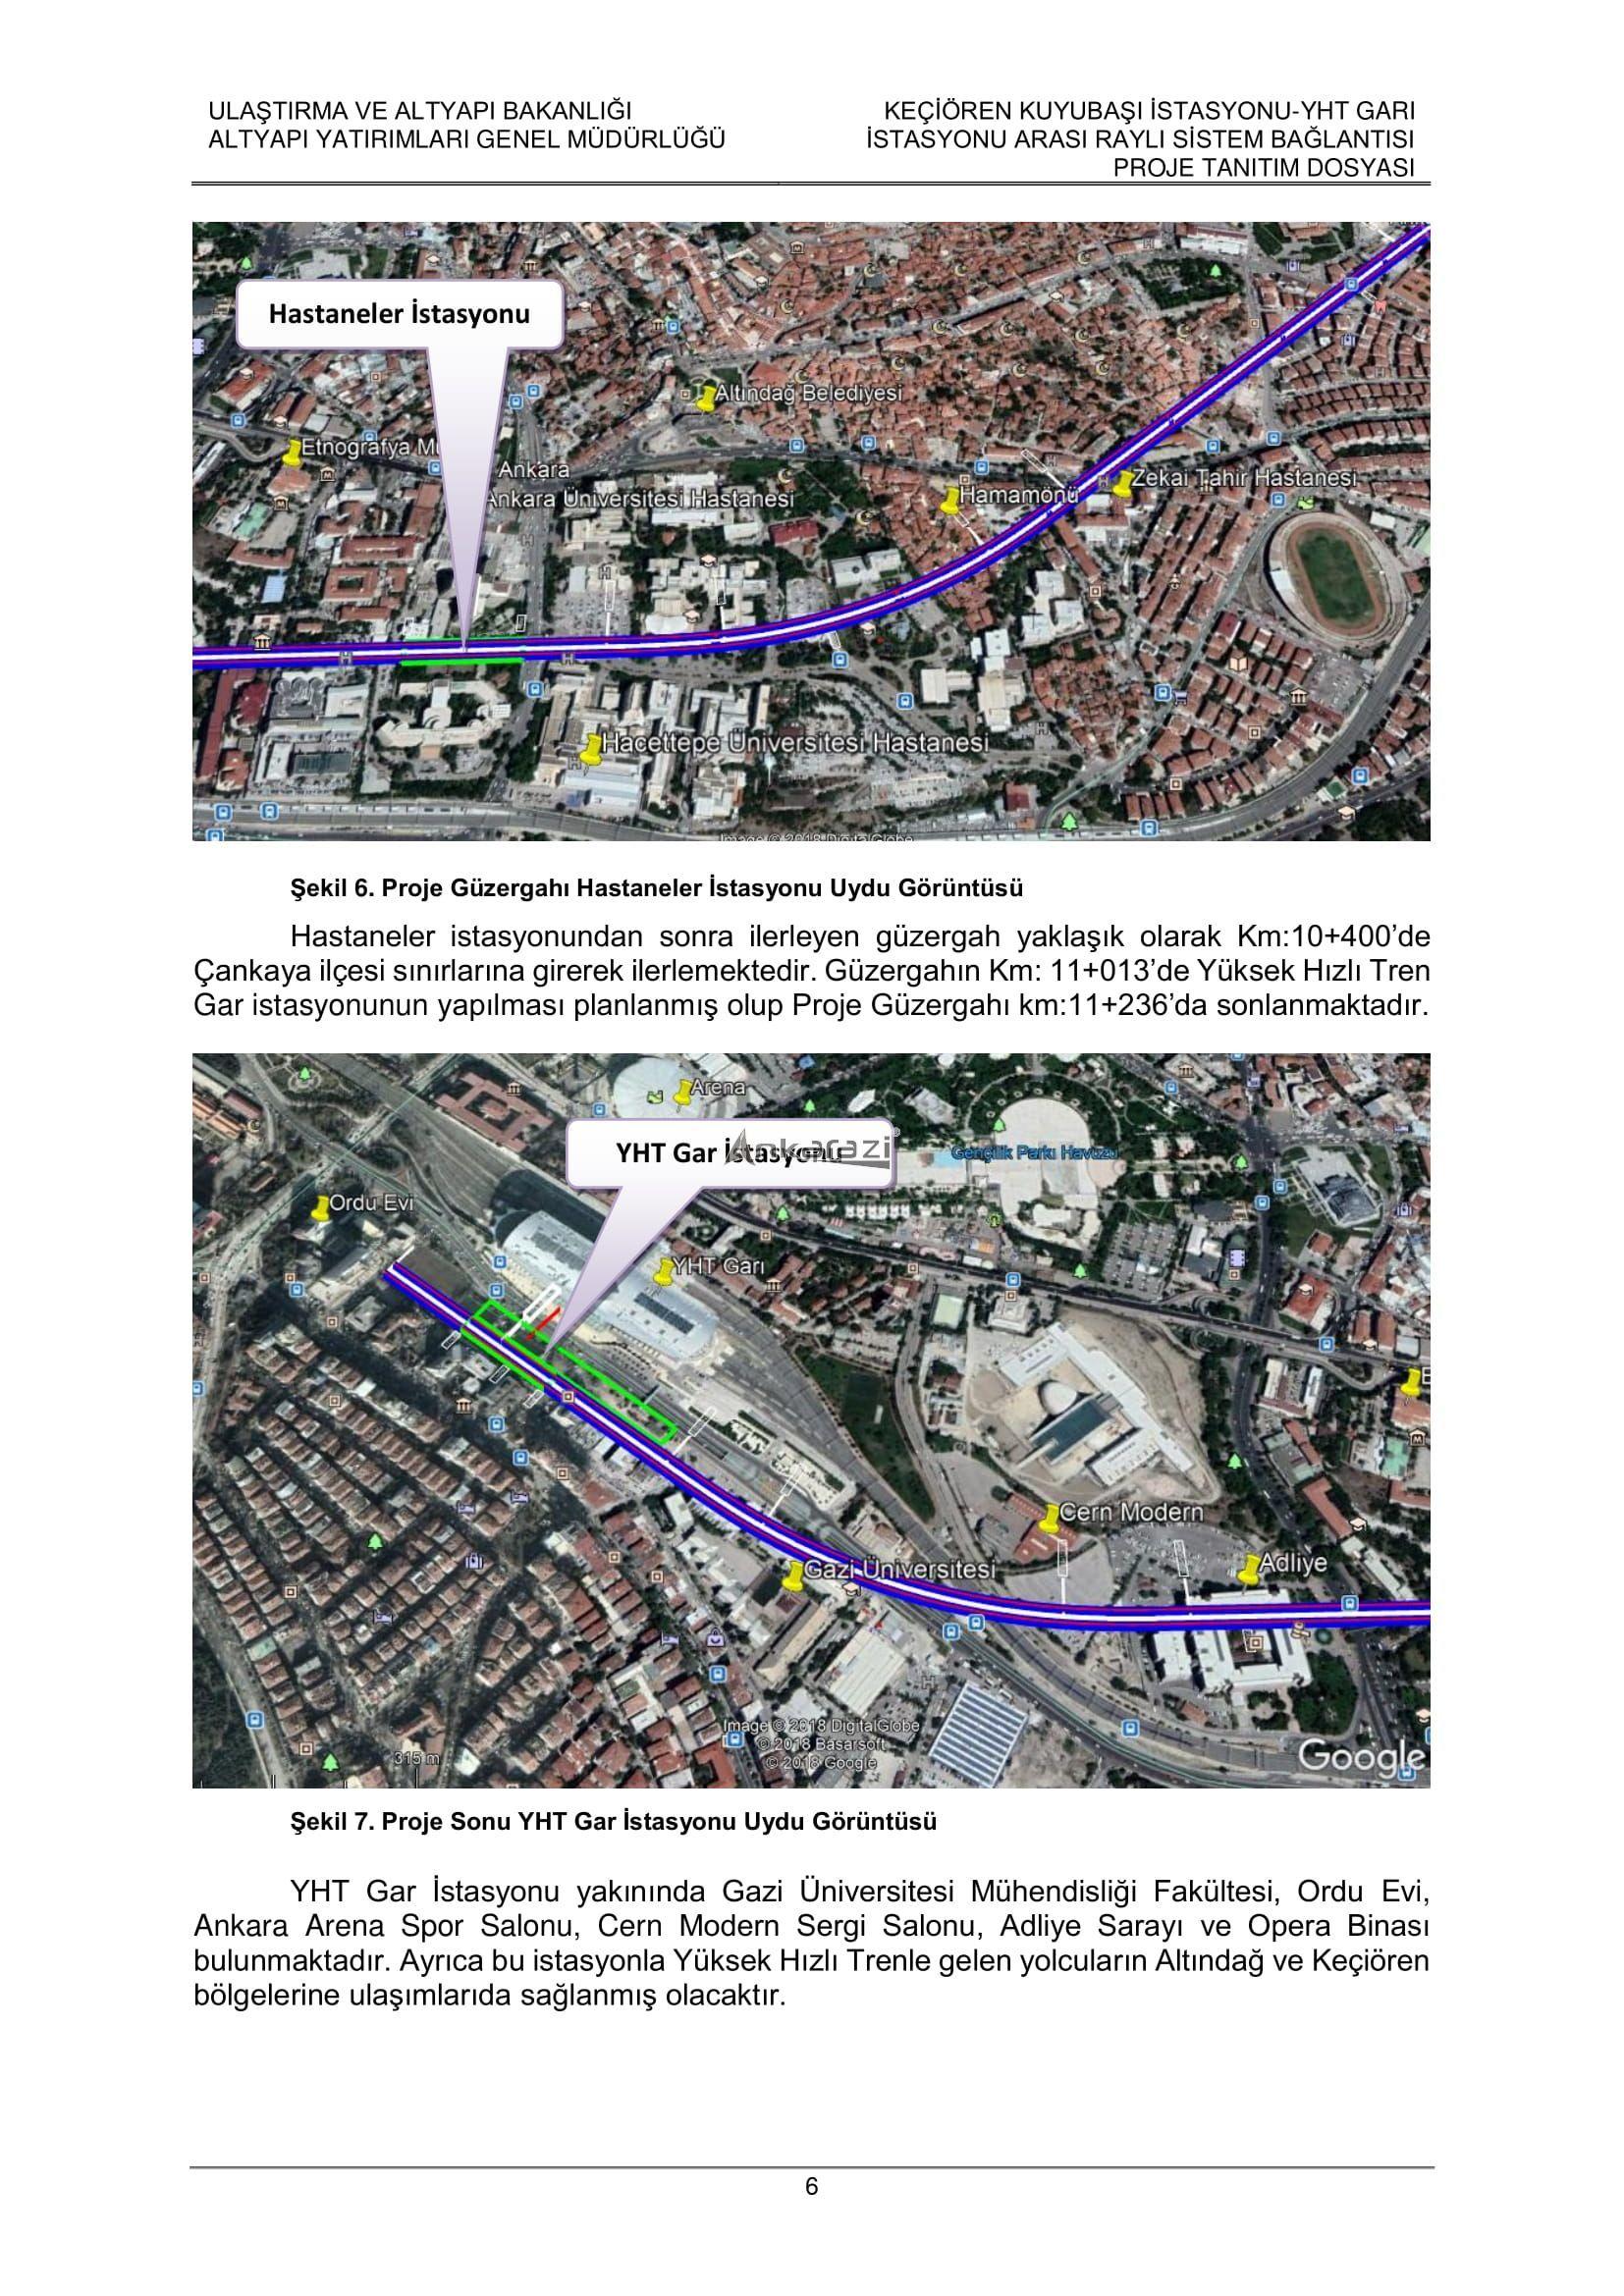 Keçiören-Siteler-YHT Garı Metro Hattı, Nihai Proje Dosyası... 3694